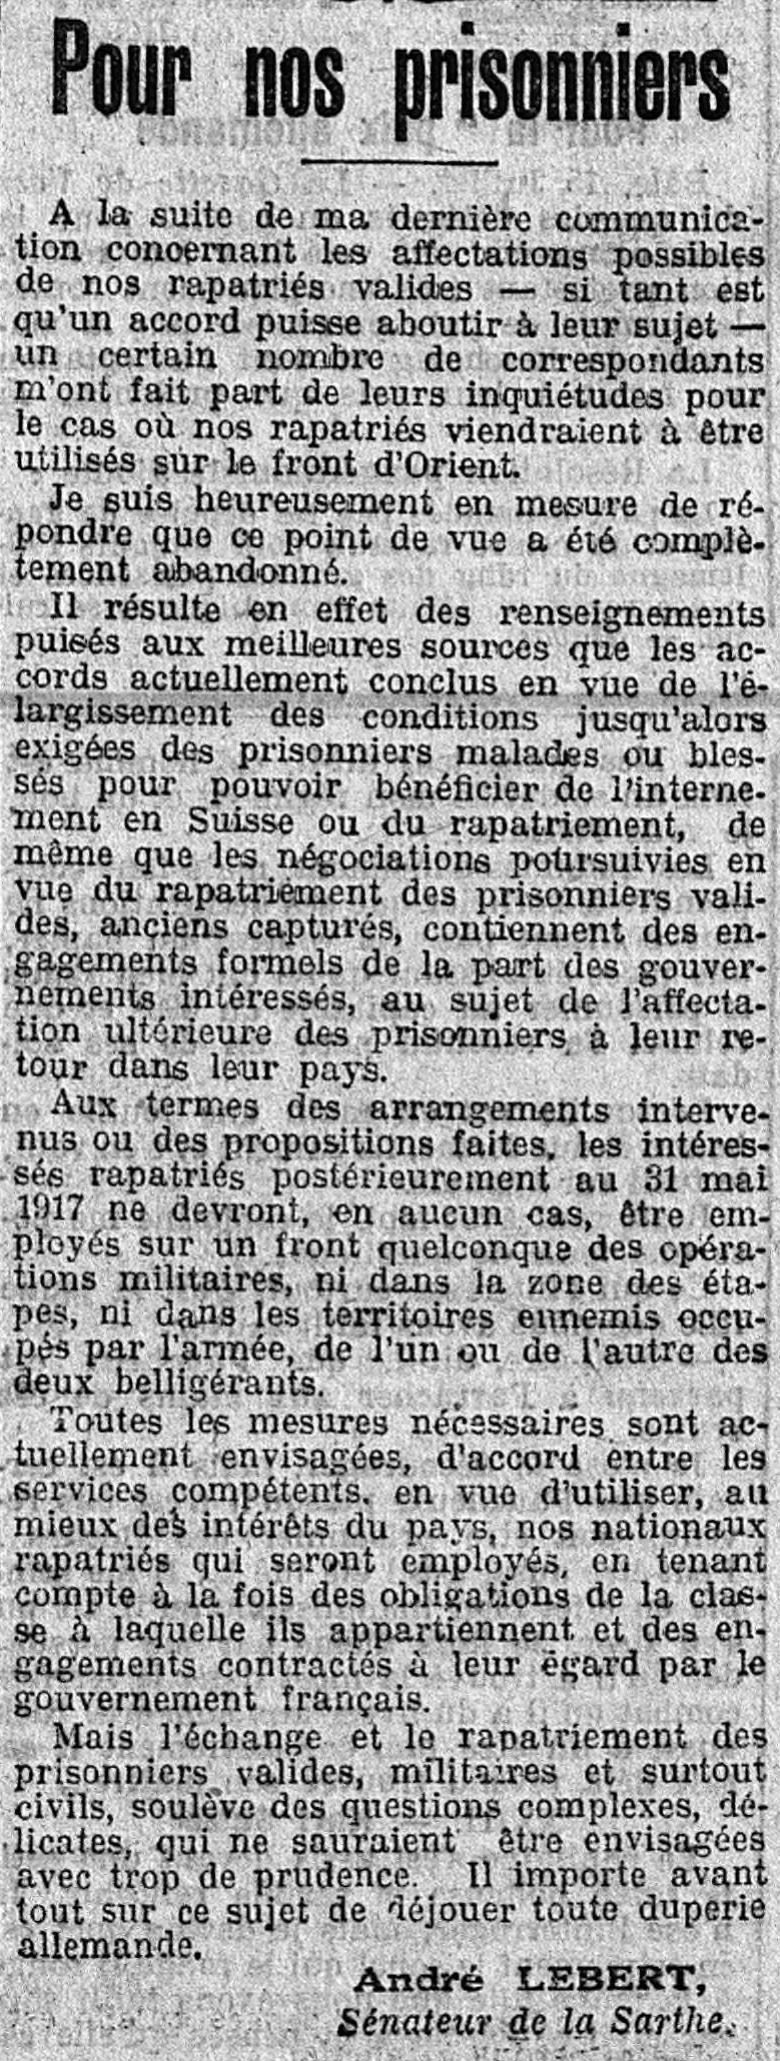 Articles de presse - Le Petit Journal du 16 Juillet 1917 - Pour nos prisonniers